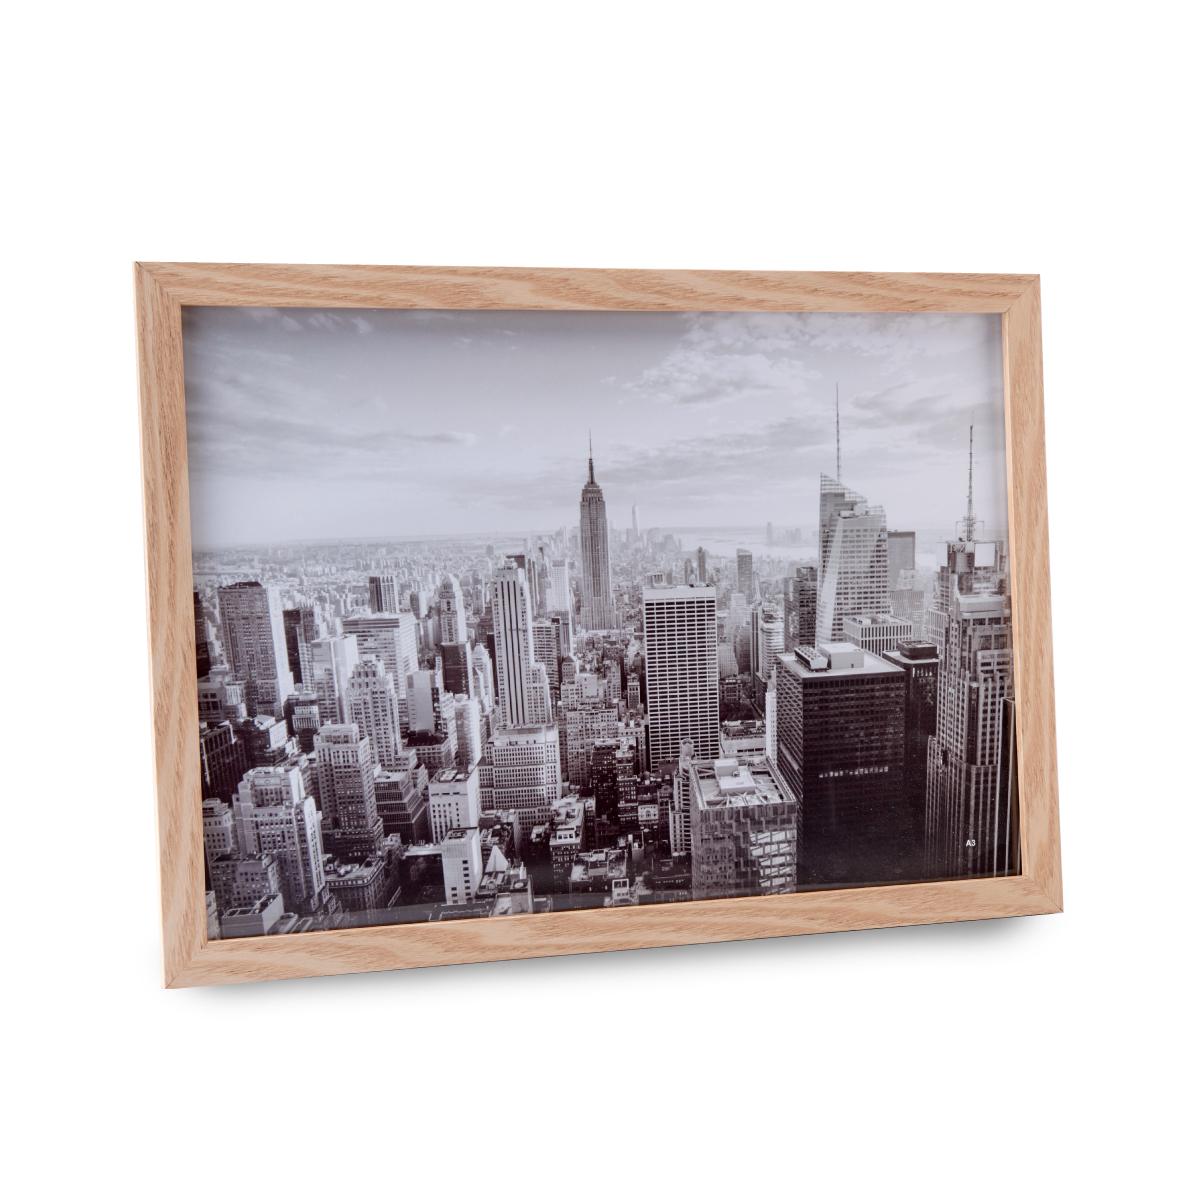 מסגרת לתמונה מעץ וזכוכית – אנטיב